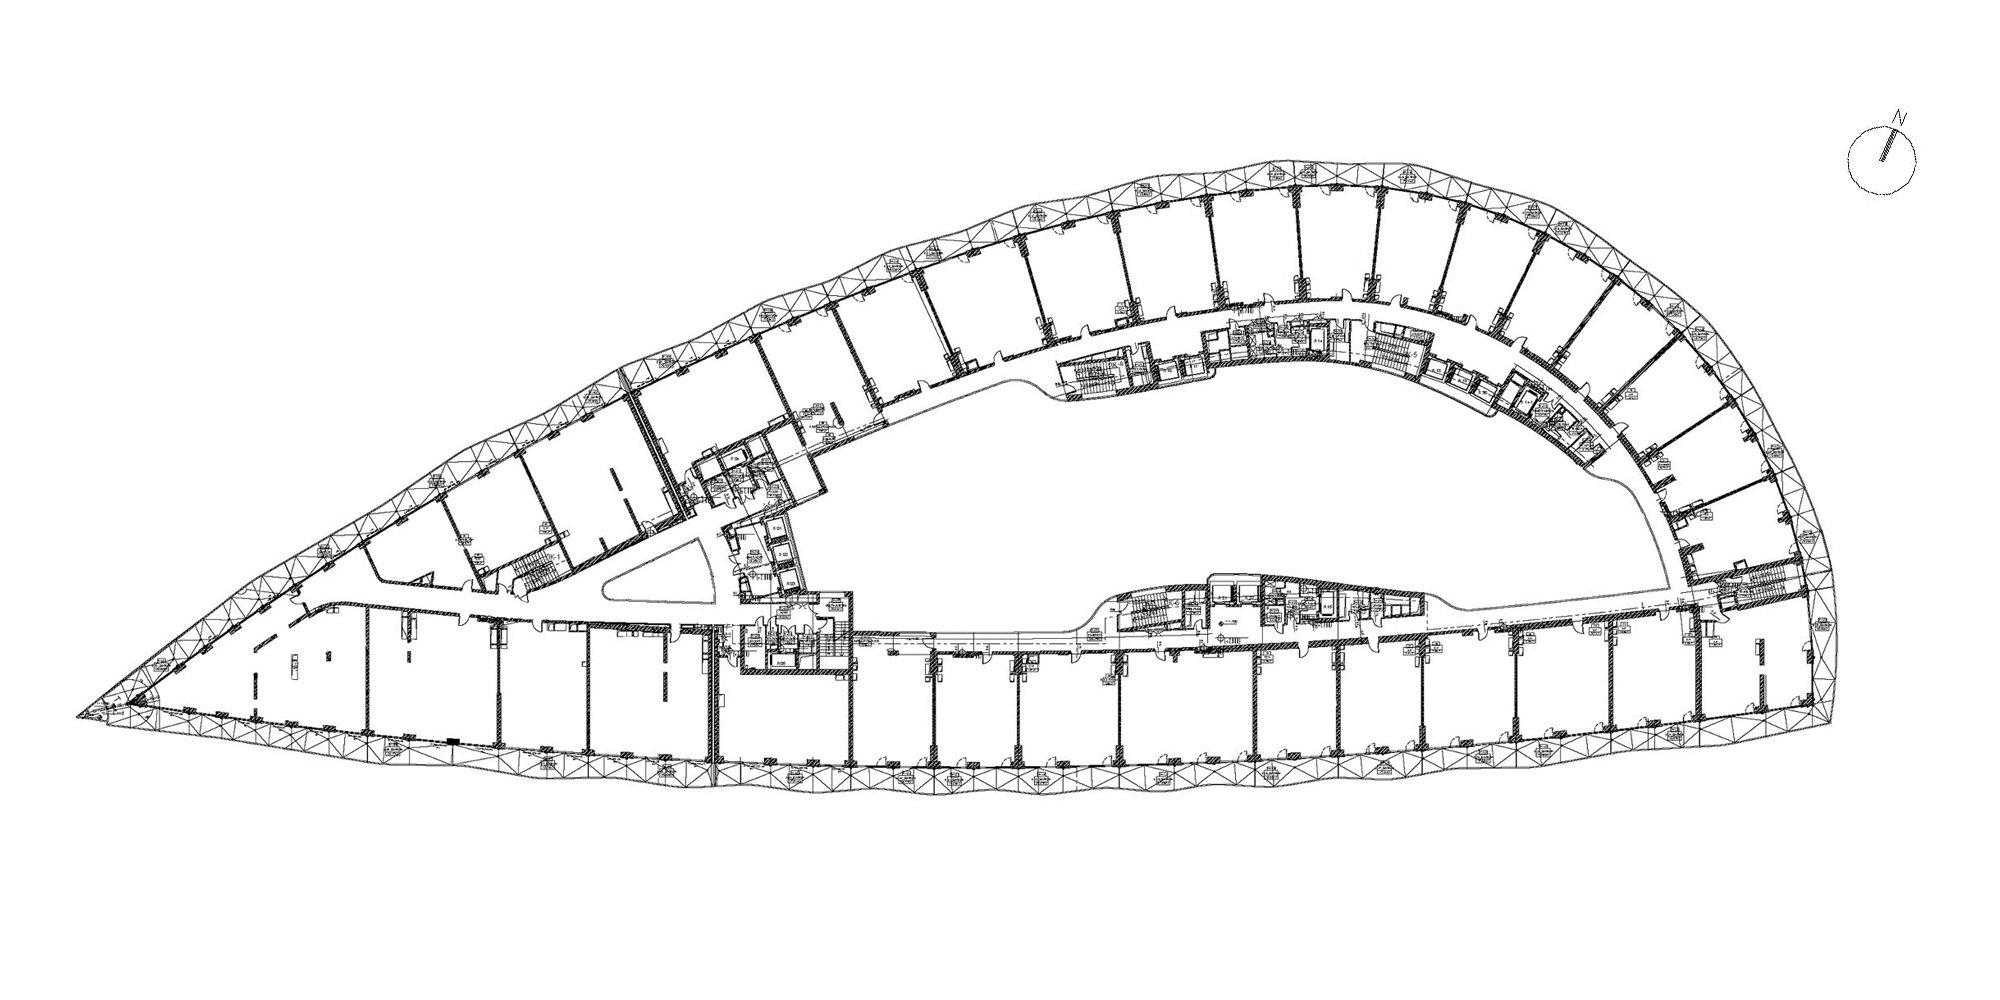 Piante piano tipo © SPEECH Architectural Office